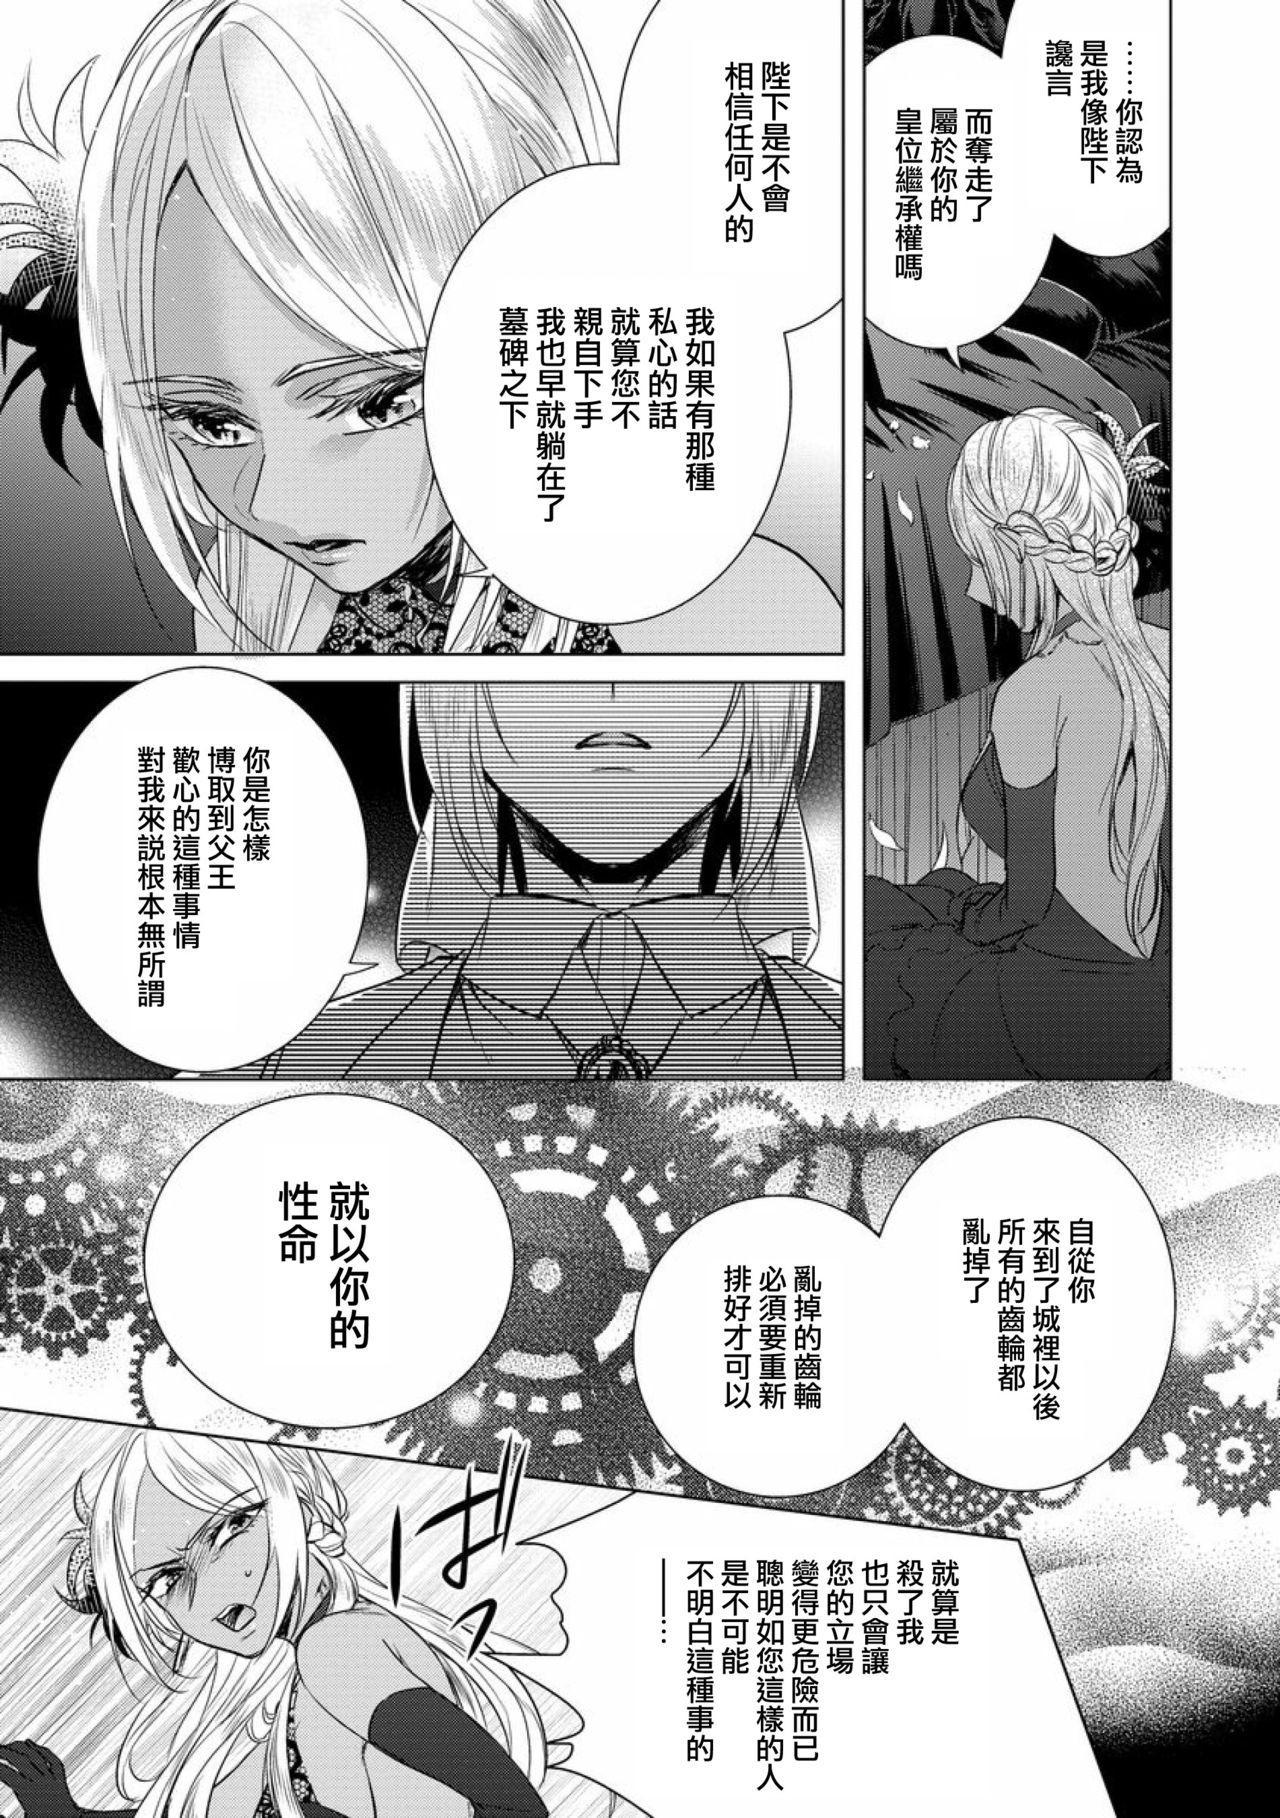 [Saotome Mokono] Kyououji no Ibitsu na Shuuai ~Nyotaika Knight no Totsukitooka~ Ch. 12 [Chinese] [瑞树汉化组] [Digital] 10